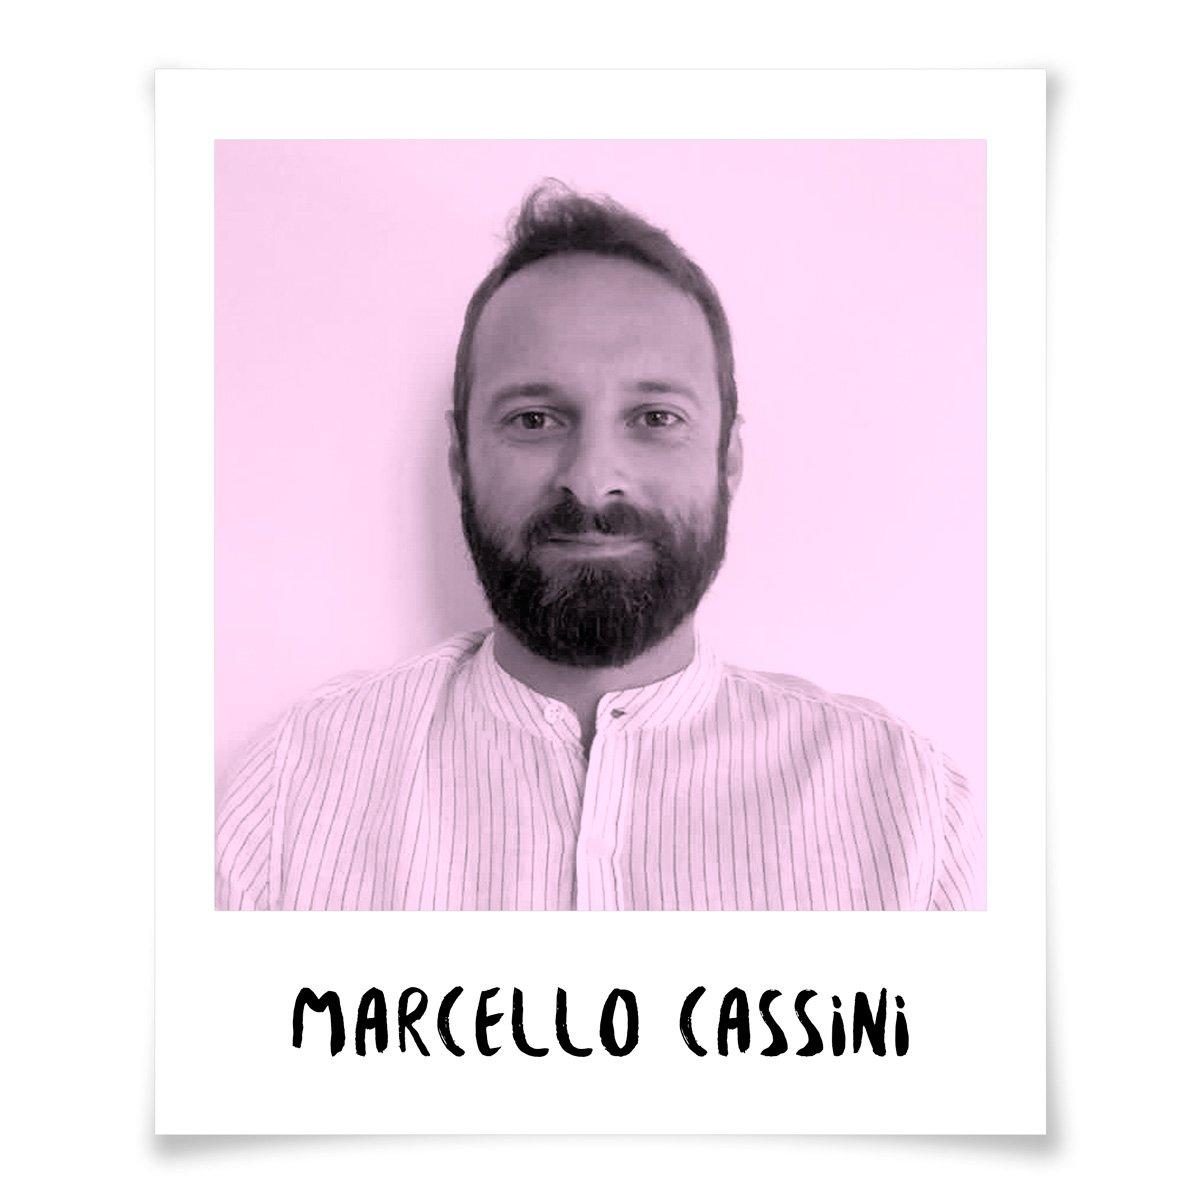 Marcello_Cassini